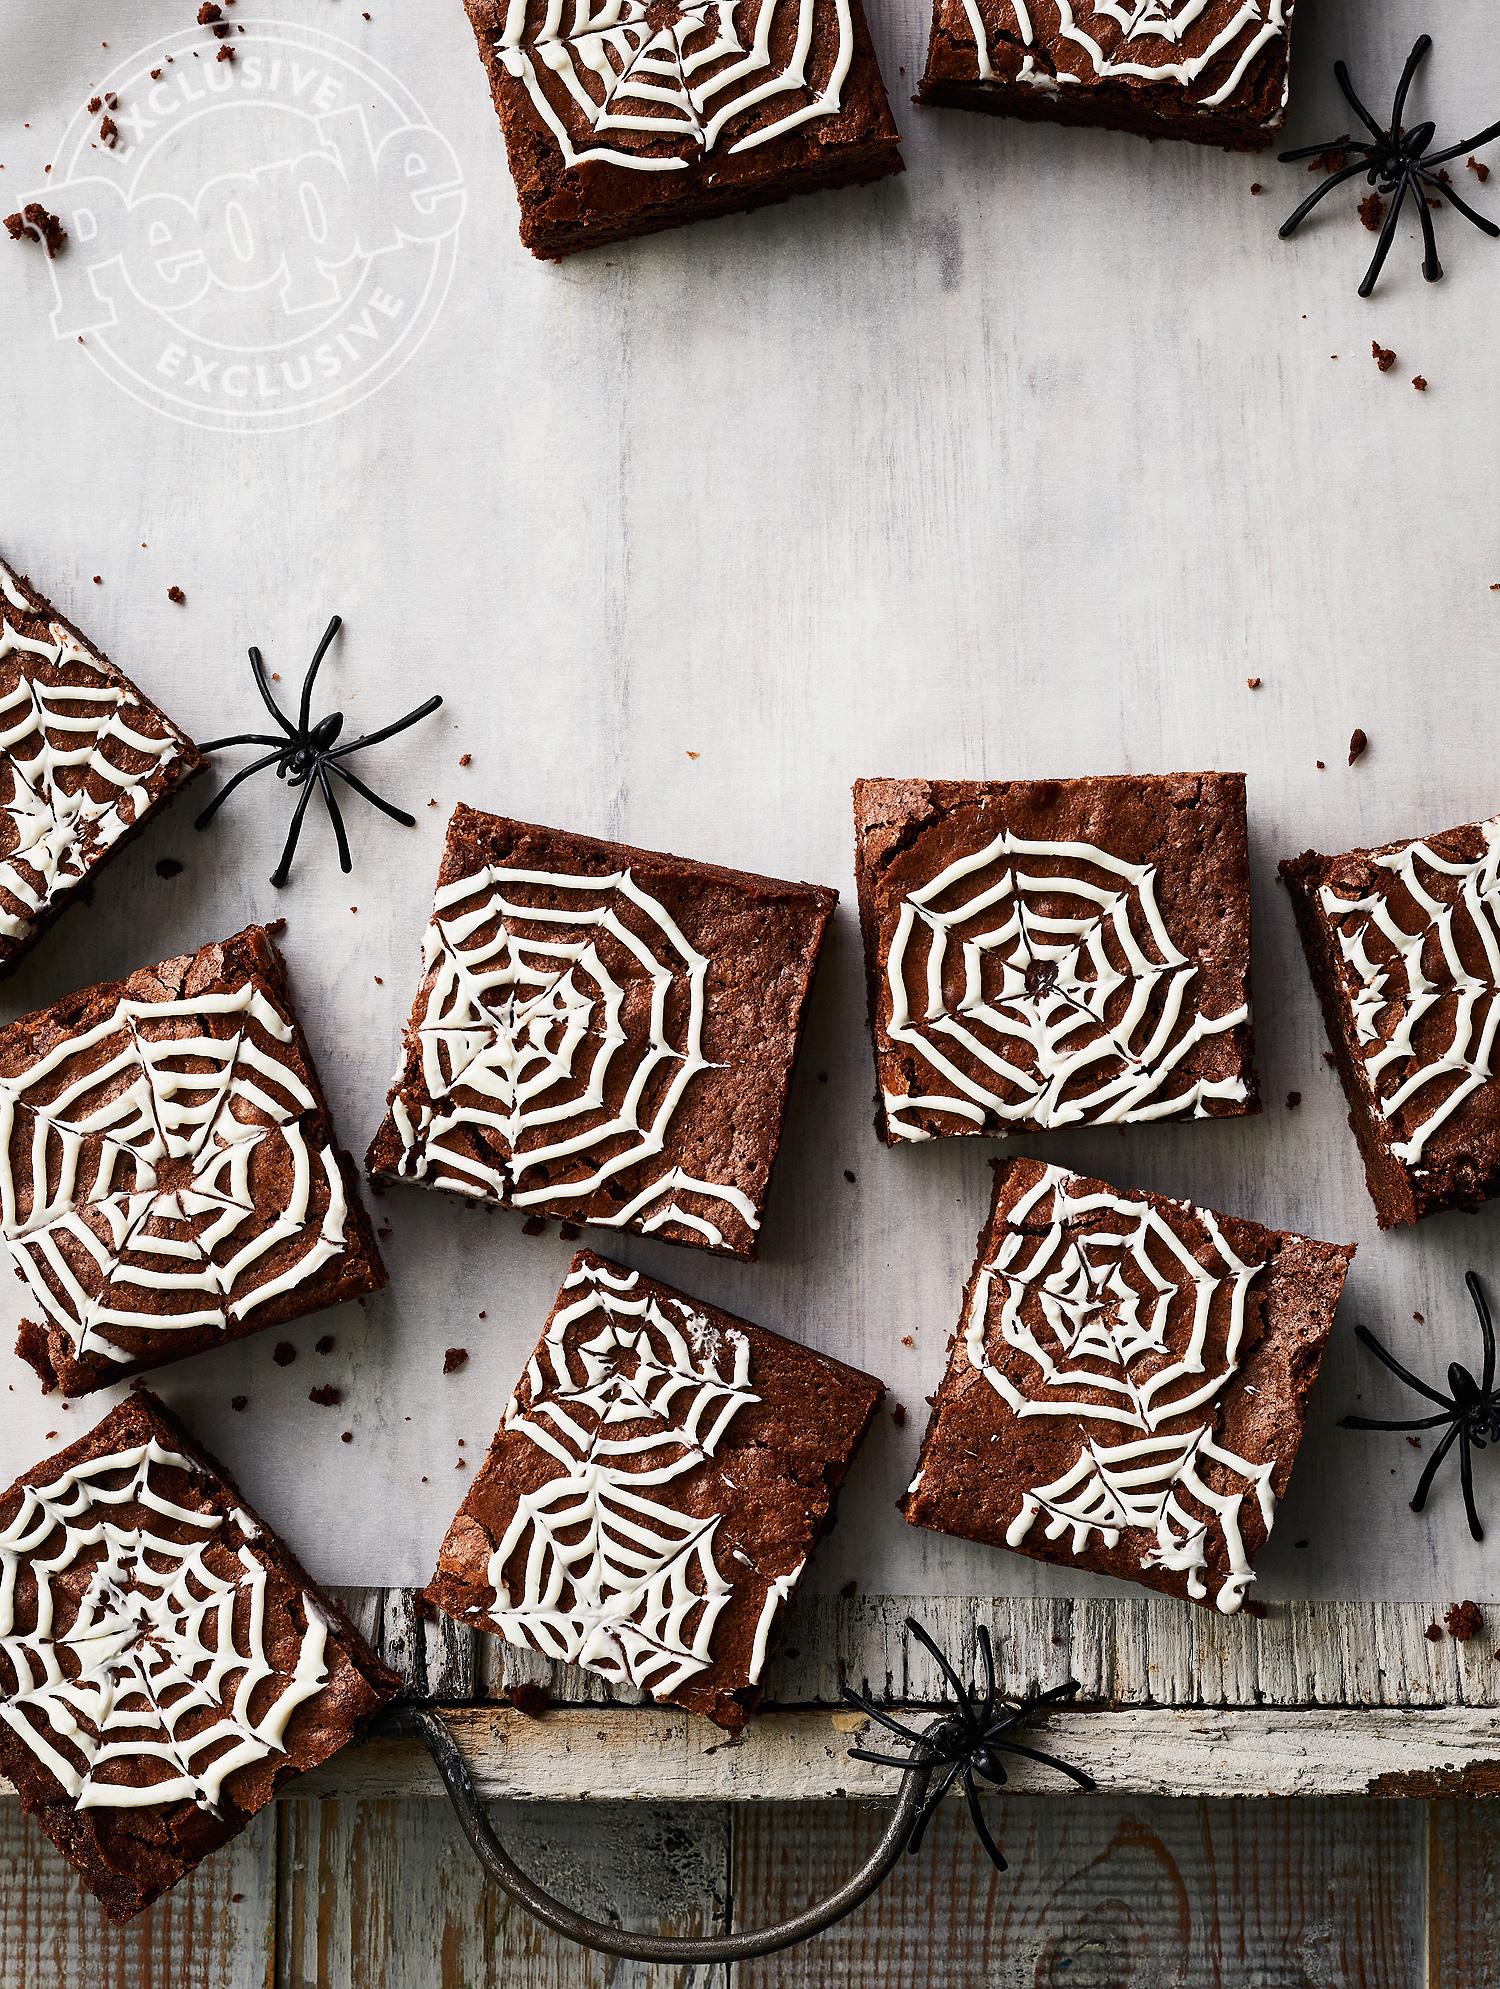 Elizabeth Blau's Spiderweb Brownies